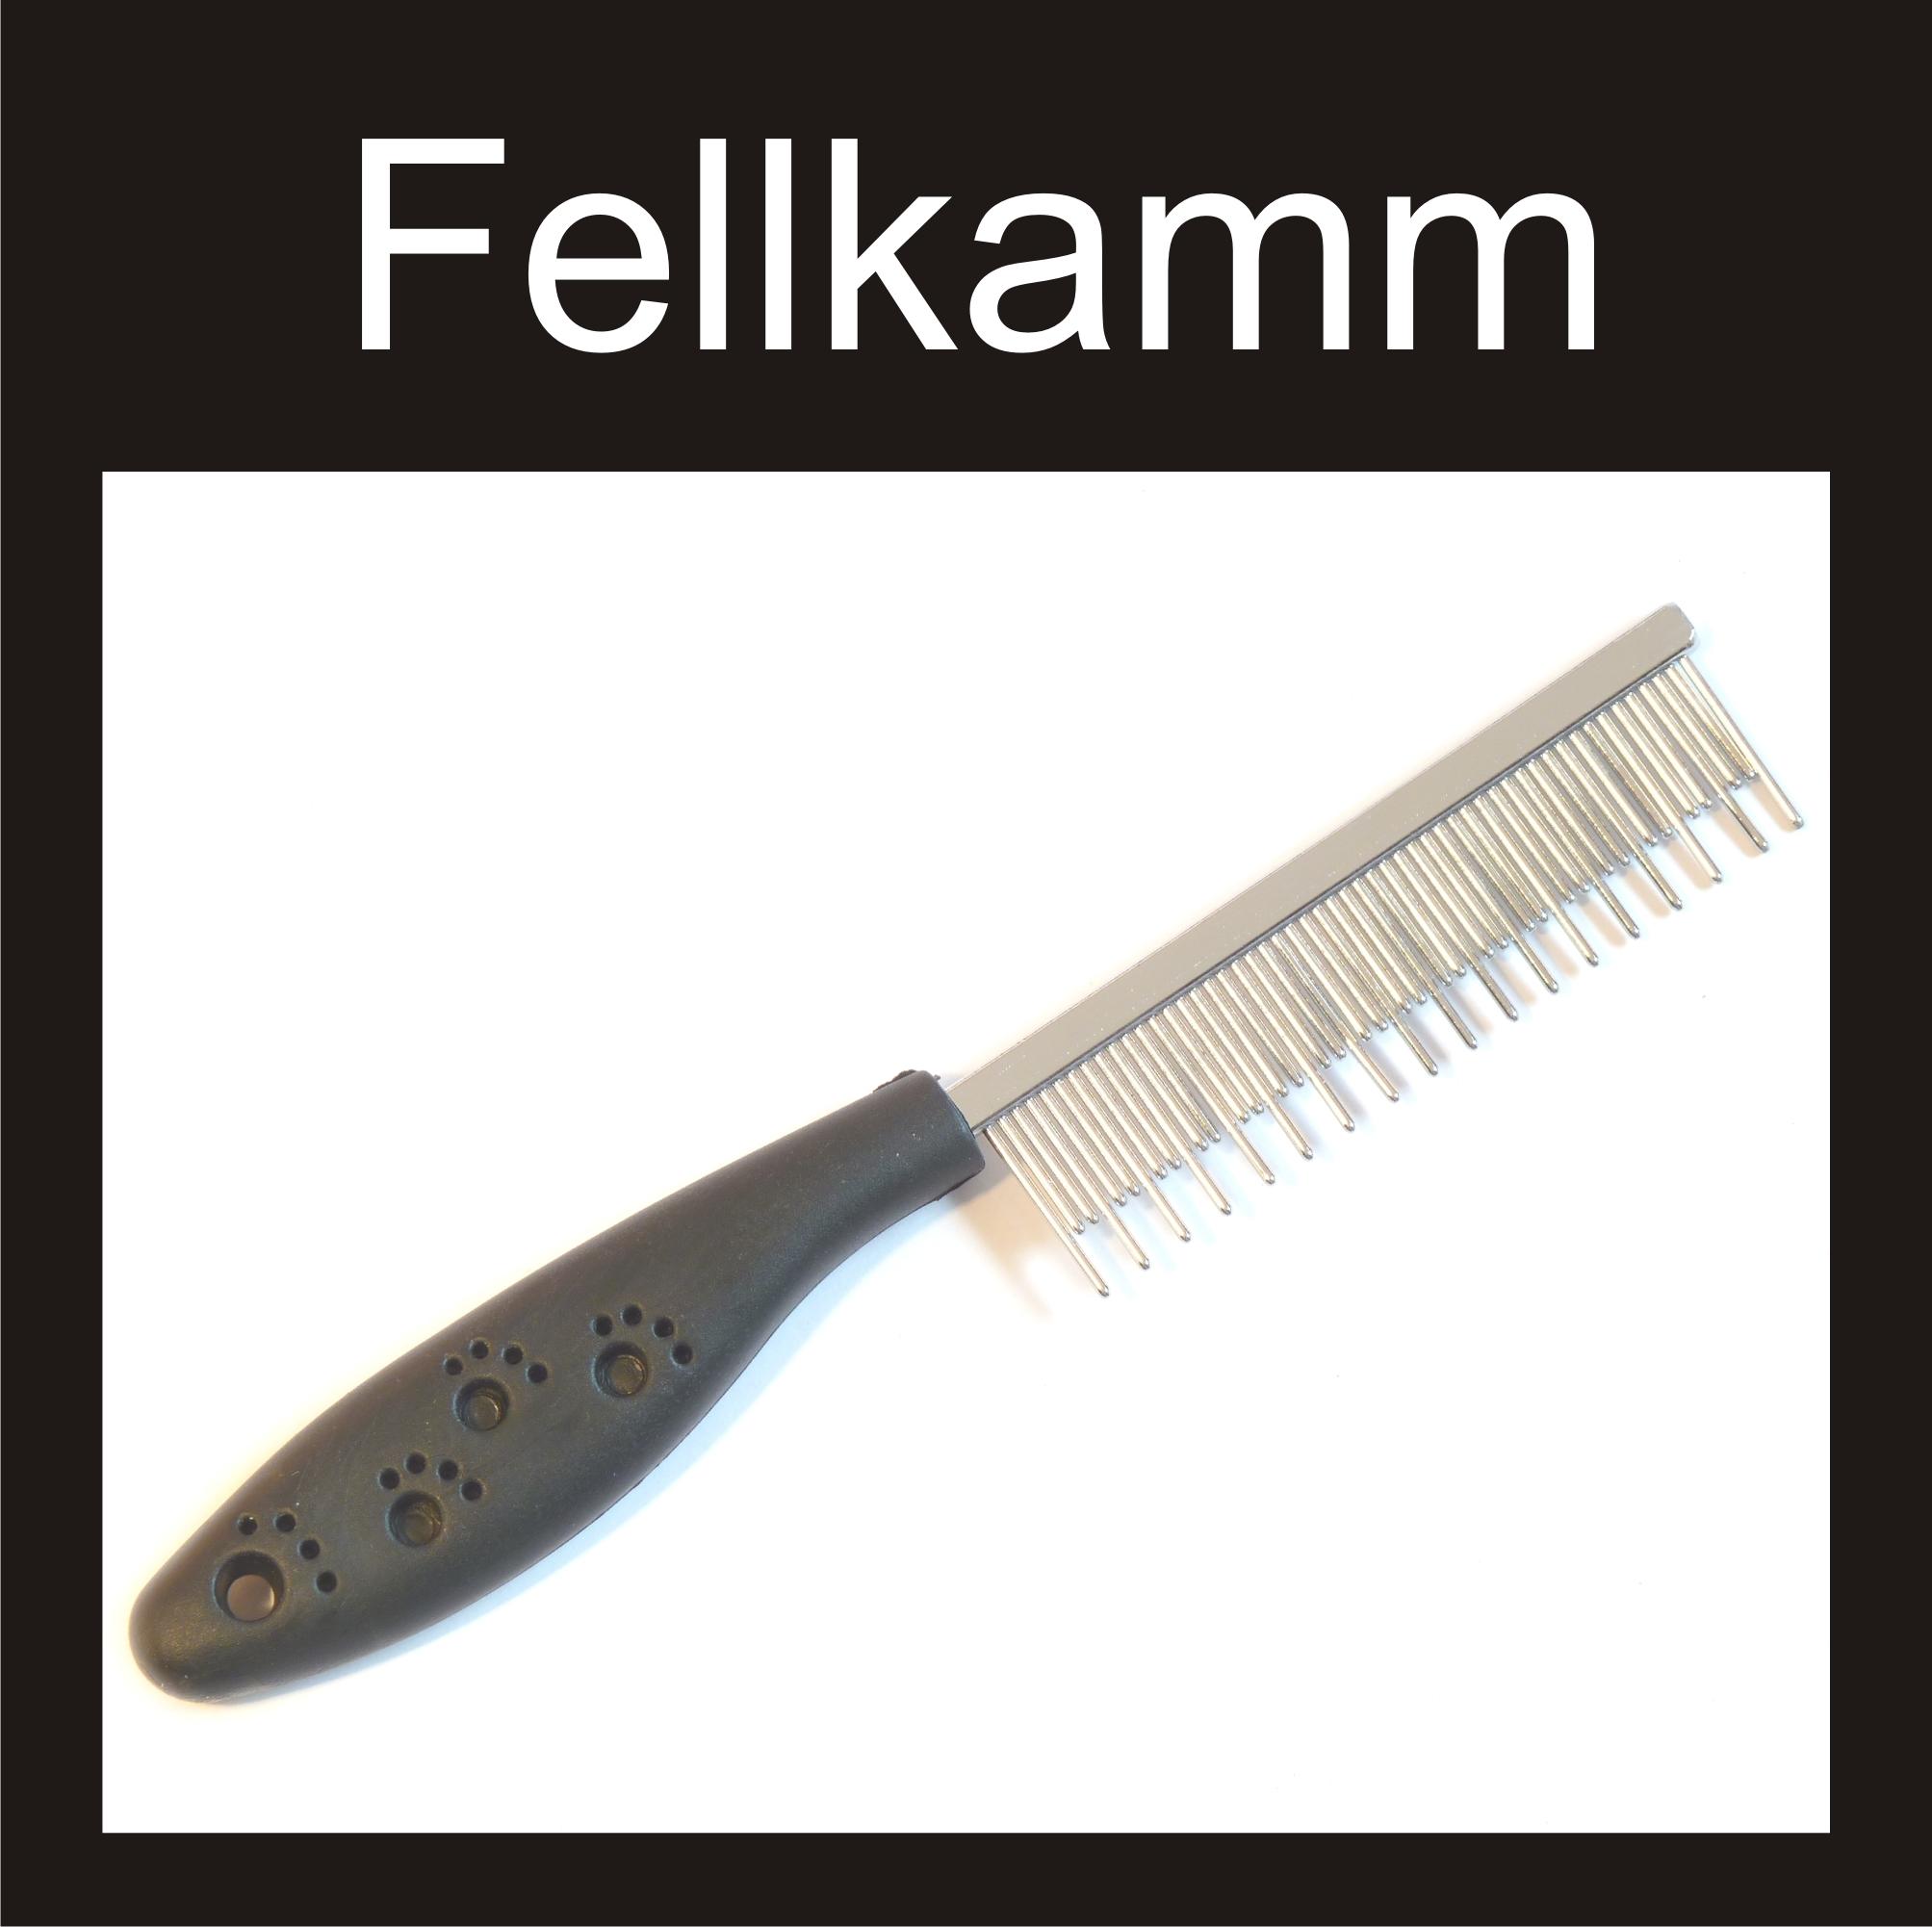 Fellkamm